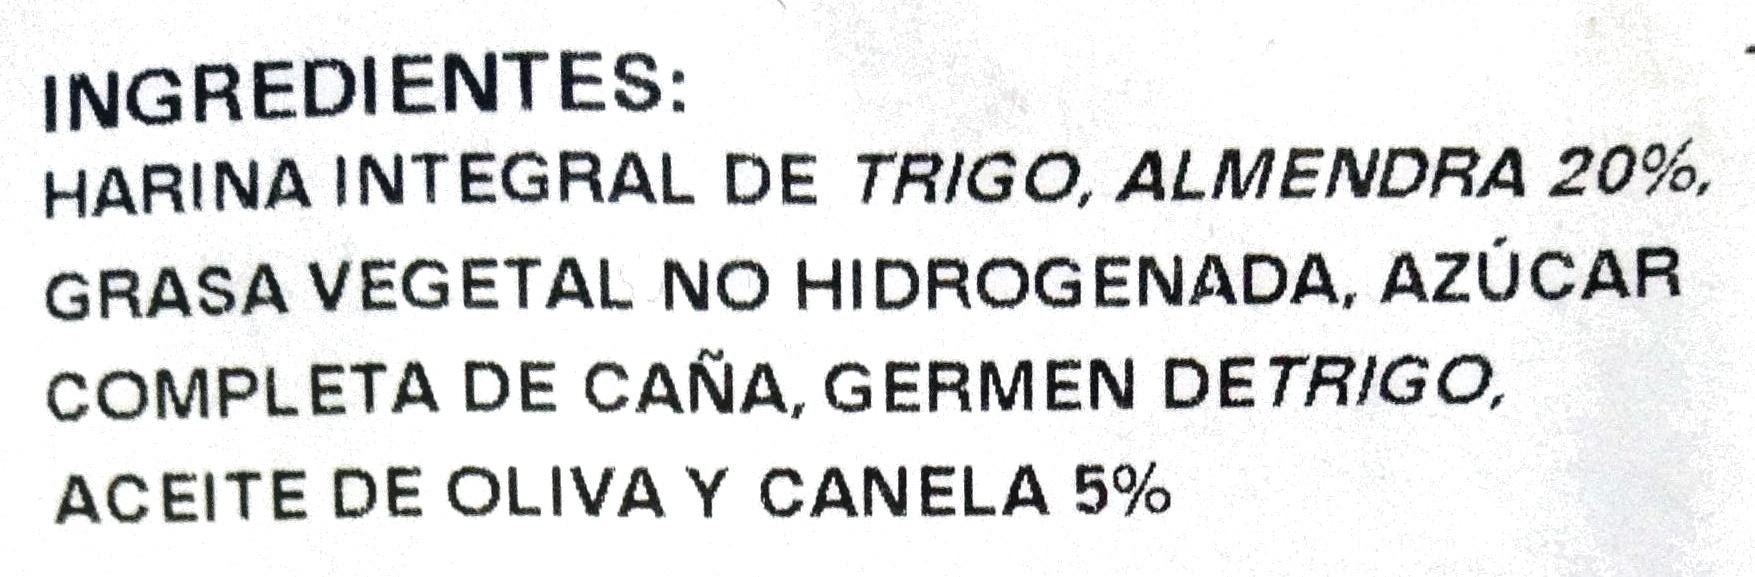 Polvorones - Ingredients - es